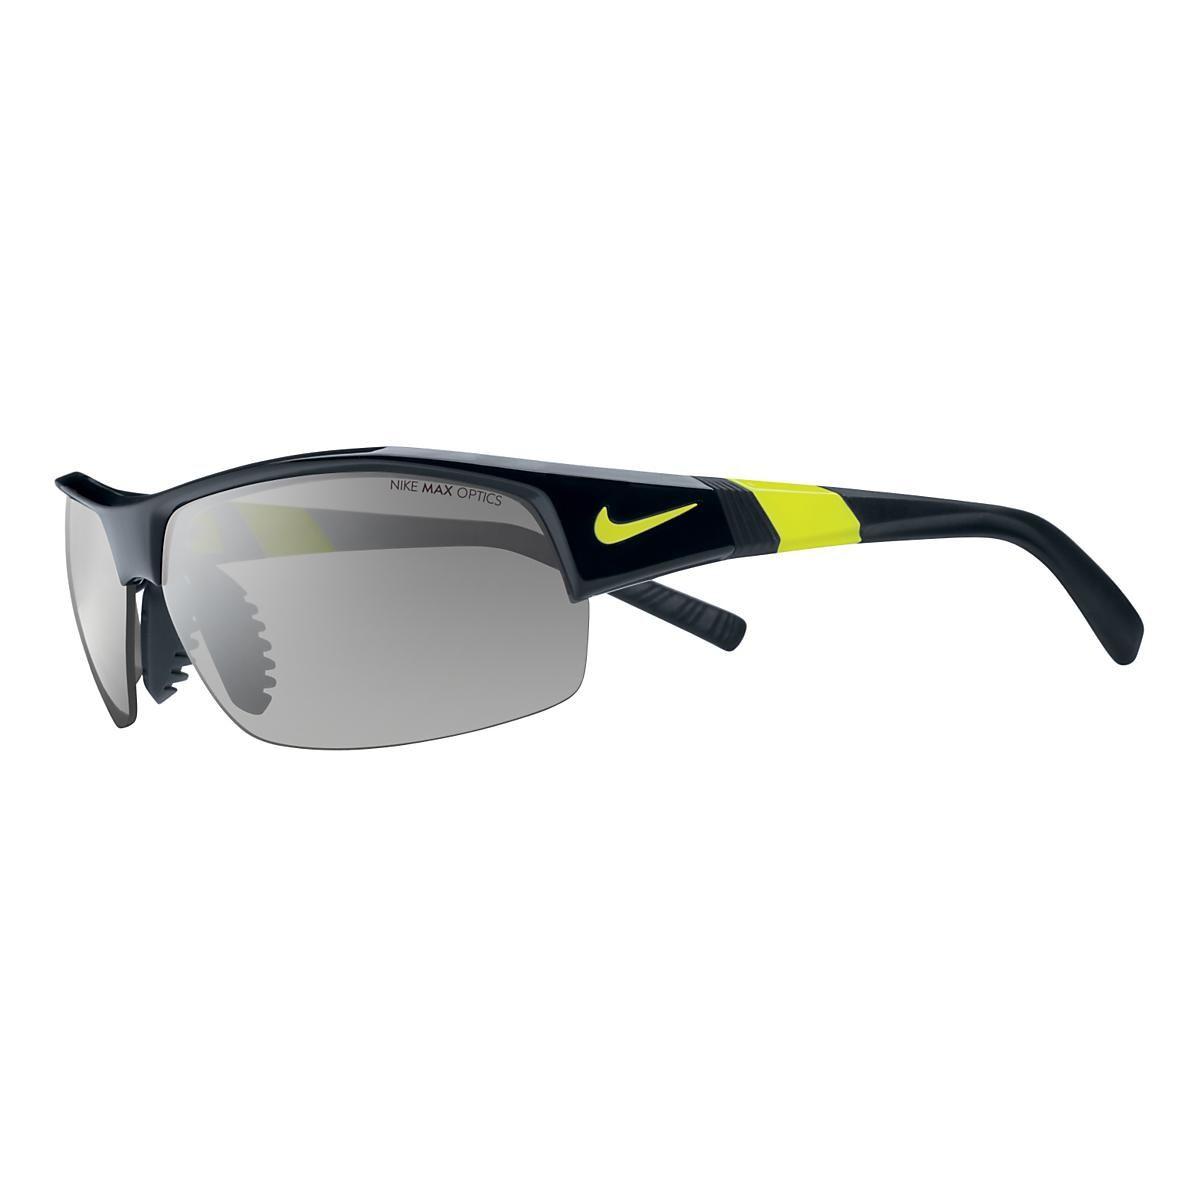 El respeto Especial visitante  Nike Show X2 Sunglasses   Running sunglasses, Nike shows, Sunglasses